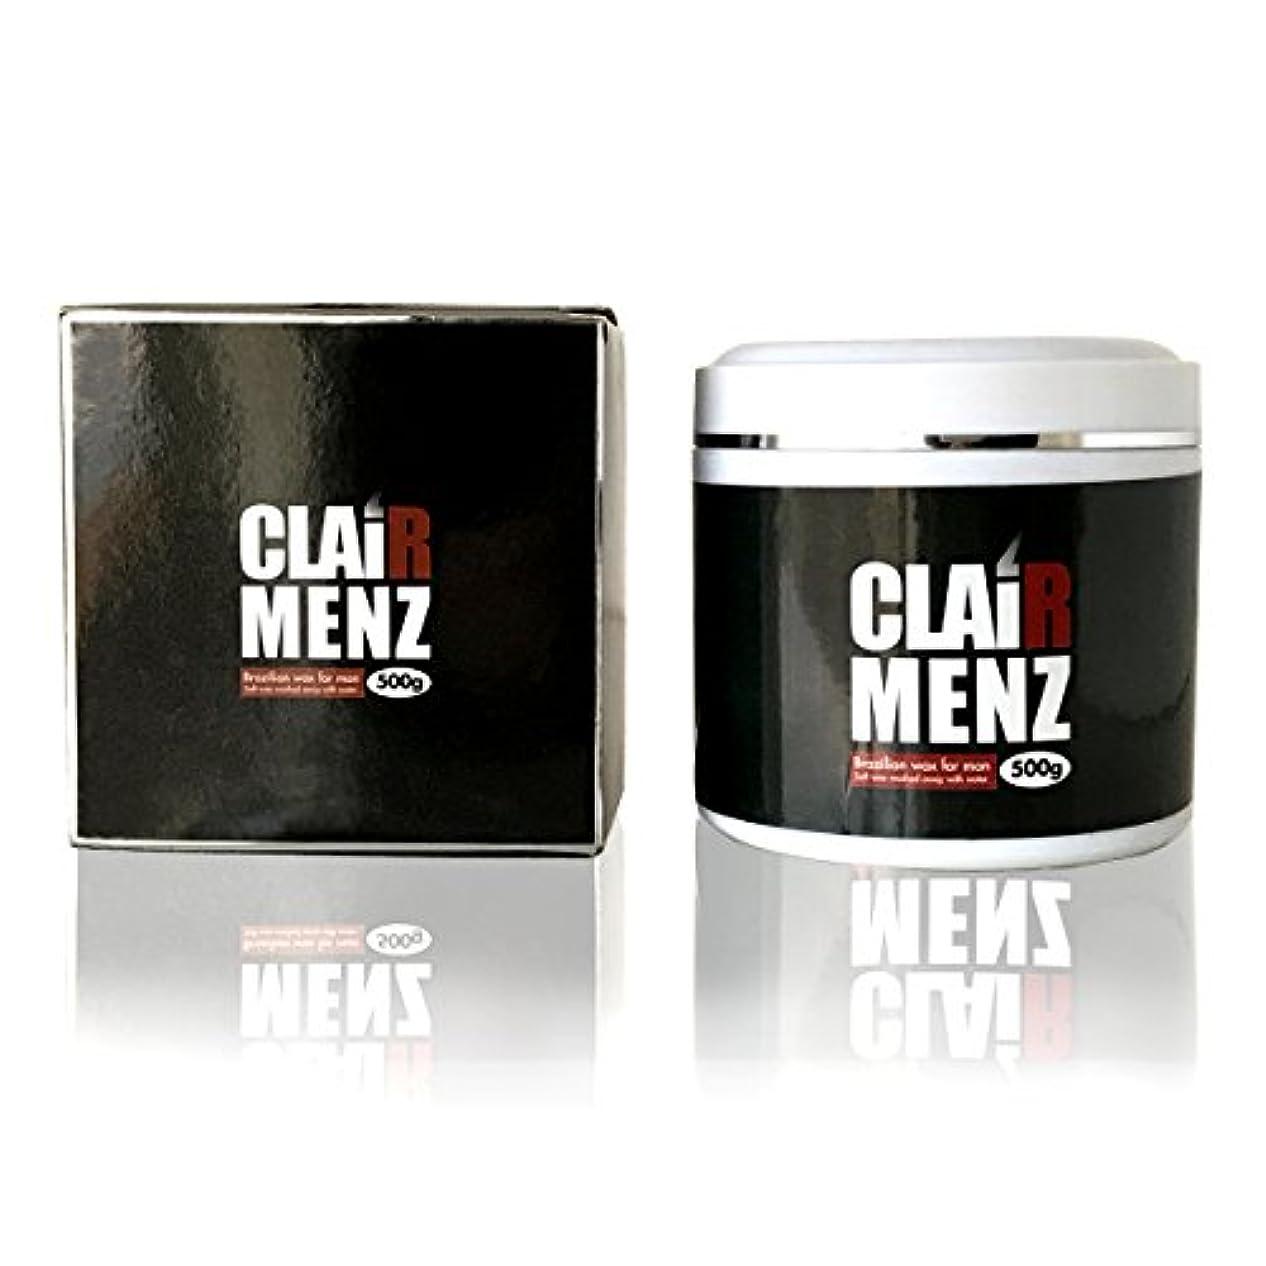 分類開発するヨーグルトブラジリアンワックス メンズ専用 clair Menz wax 500g(単品) メンズ脱毛専用ラベル 無添加ワックス 脱毛ワックス